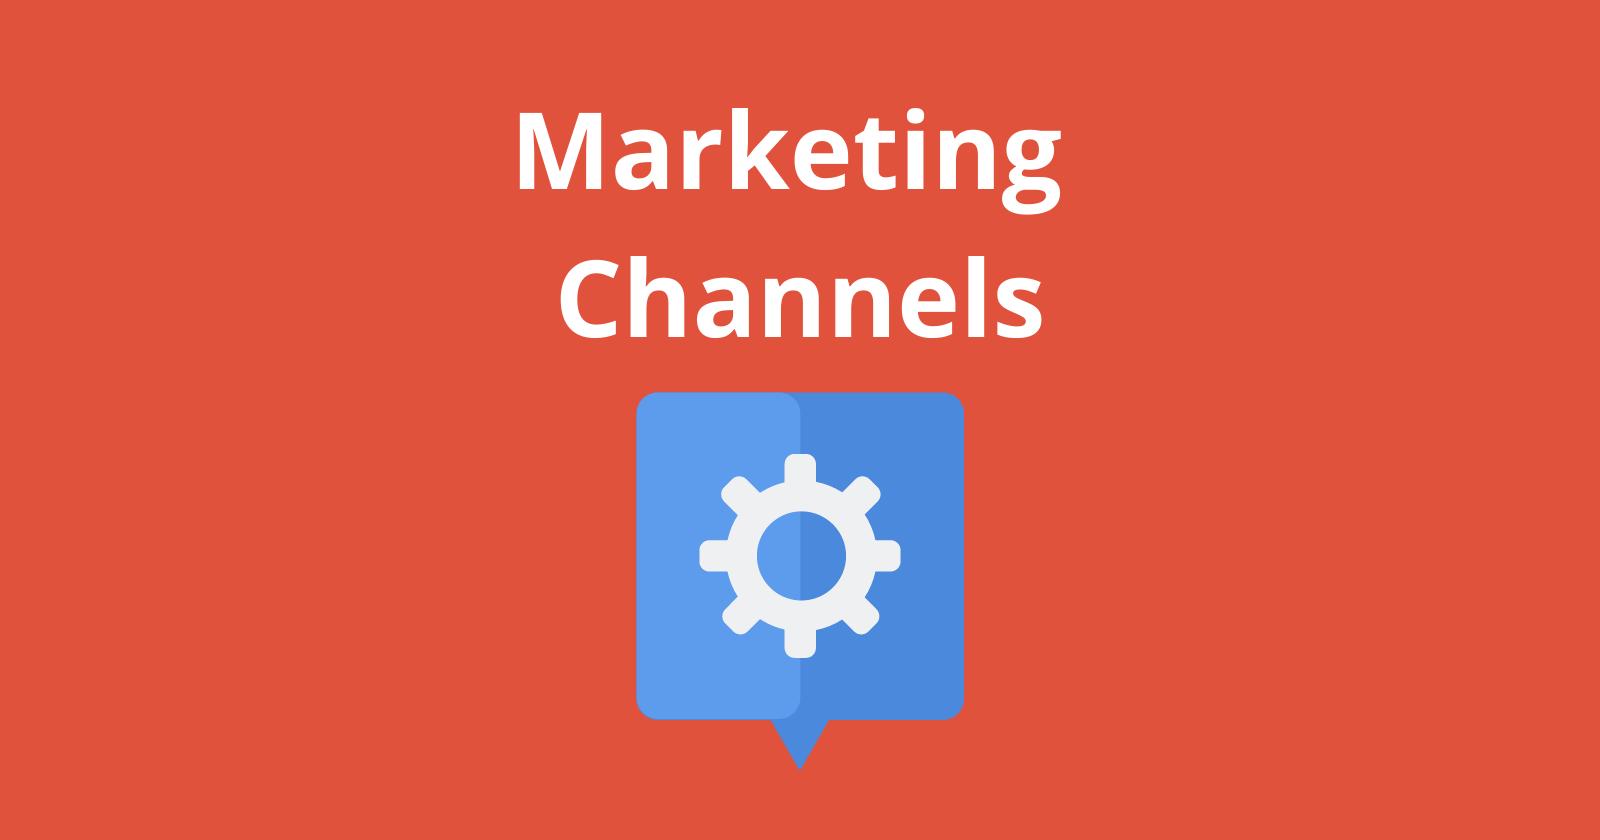 Le bon canal de marketing vous permet de pivoter rapidement: choisissez judicieusement